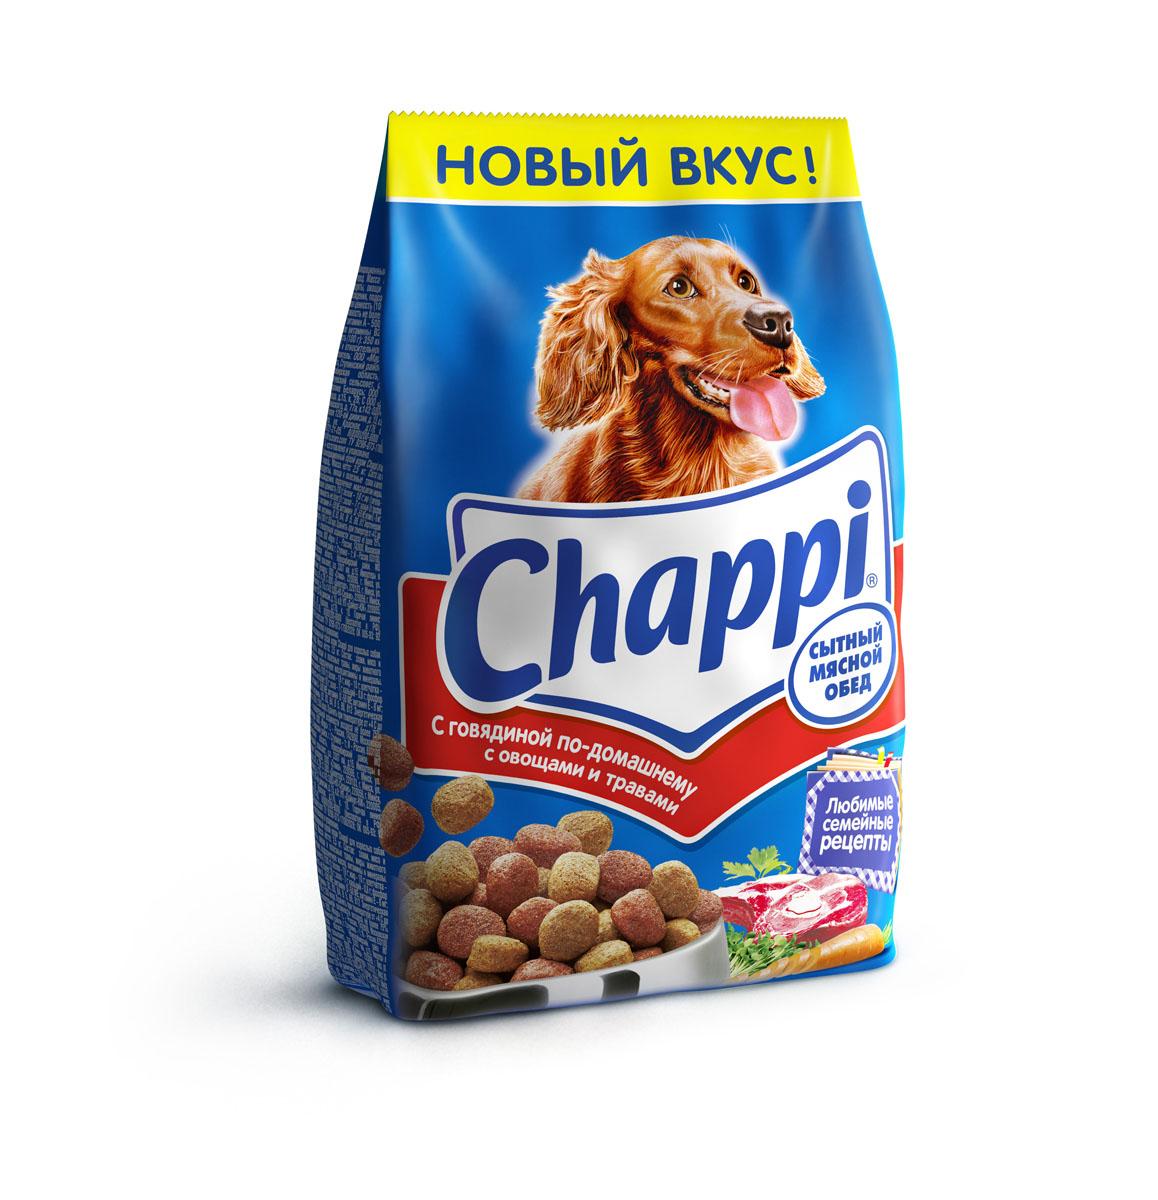 Корм сухой для собак Chappi Сытный мясной обед, с говядиной по-домашнему с овощами и травами, 600 г0120710Сухой корм Chappi Сытный мясной обед - это специально разработанная еда для собак с оптимально сбалансированным содержанием белков, витаминов и микроэлементов.Уникальная формула Chappi включает в себя все необходимые для здоровья компоненты: - мясо - для силы и энергии в течение дня; - овощи, травы и злаки - для отличного пищеварения; - масла и жиры - для блестящей шерсти и здоровой кожи; - кальций - для крепких зубов и костей; - витамины - для защиты здоровья; - минералы - для подержания собаки в оптимальной форме.Корм Chappi идеально подходит для вашего любимца как надежный источник жизненных сил. Состав: злаки, мясо и субпродукты, жиры животного происхождения, морковь, люцерна, растительные масла, минеральные вещества, витамины.Пищевая ценность в 100 г: белок - 18 г, жиры - 10 г, клетчатка - 7 г, влажность - не более 10 г, зола - 7 г, кальций - 0,8 г, фосфор - 0,6 г, витамин А - 500 МЕ, витамин D - 50 МЕ, витамин Е - 8 мг, витамины В2, В12, пантотеновая и никотиновая кислоты.Энергетическая ценность в 100 г: 350 ккал.Вес: 600 г.Товар сертифицирован.